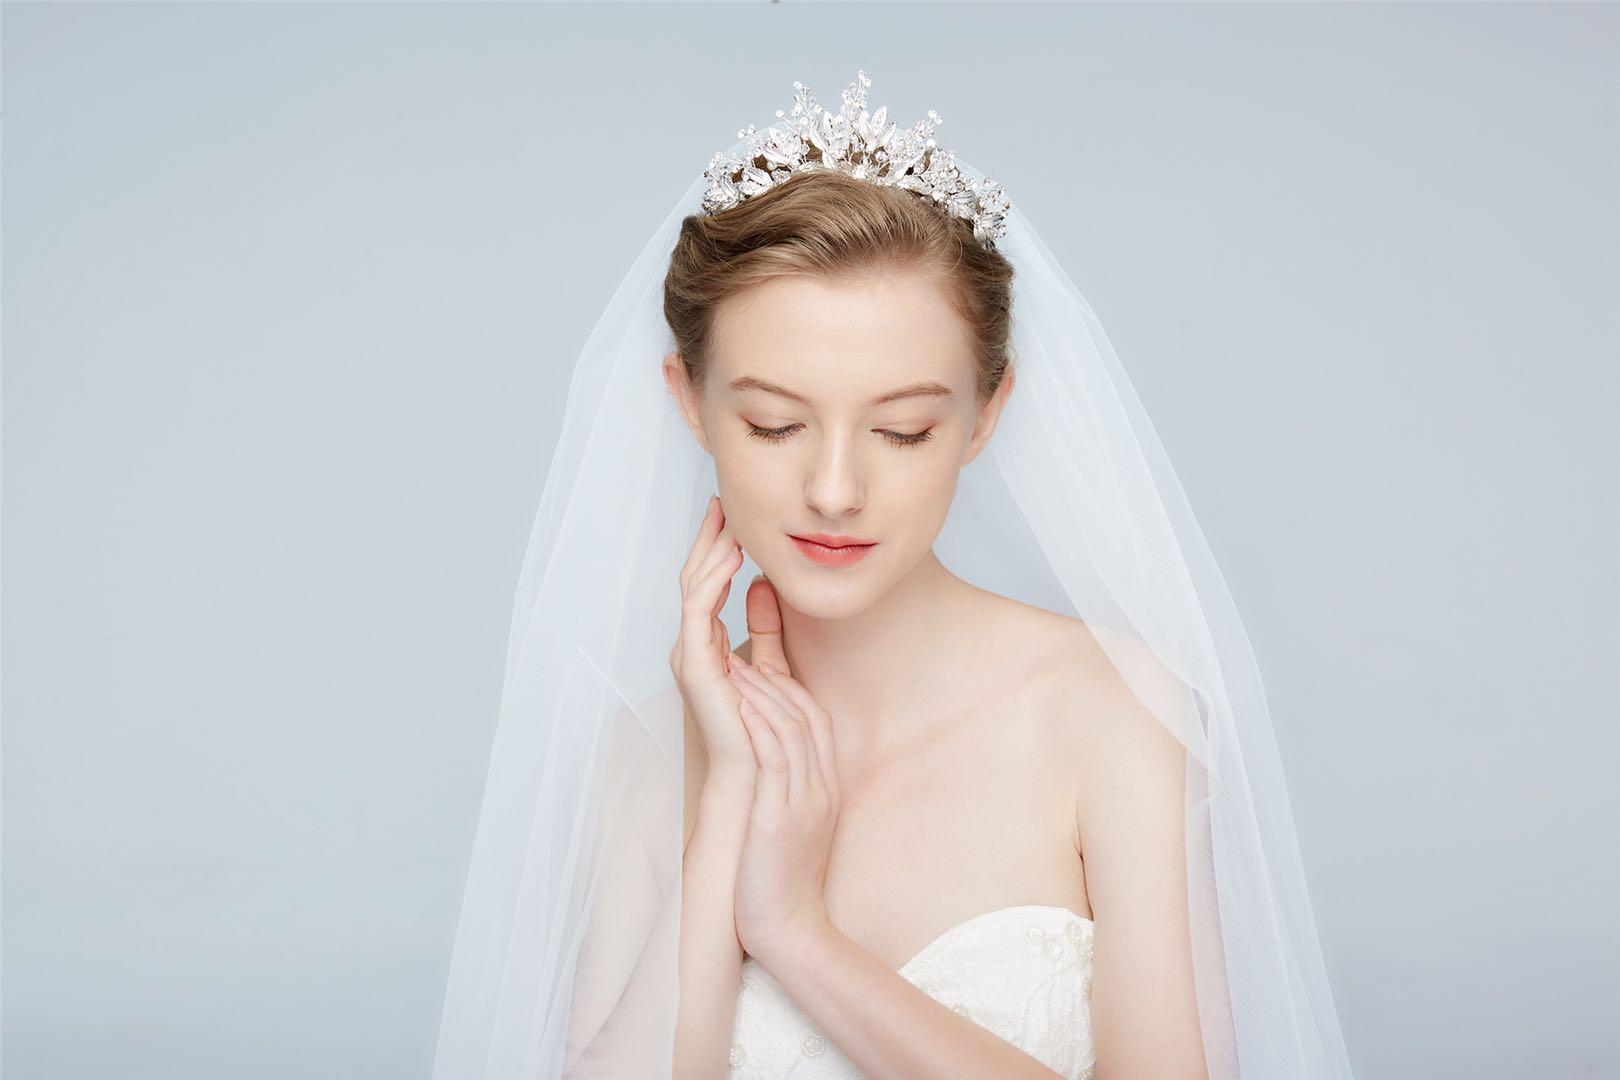 bcfddeb023ac Billig brudklänning, balklänning, bröllopsklänning & festklänning i  Stockholm,bromma Matildas fest - Silverfärgad krona AG4101